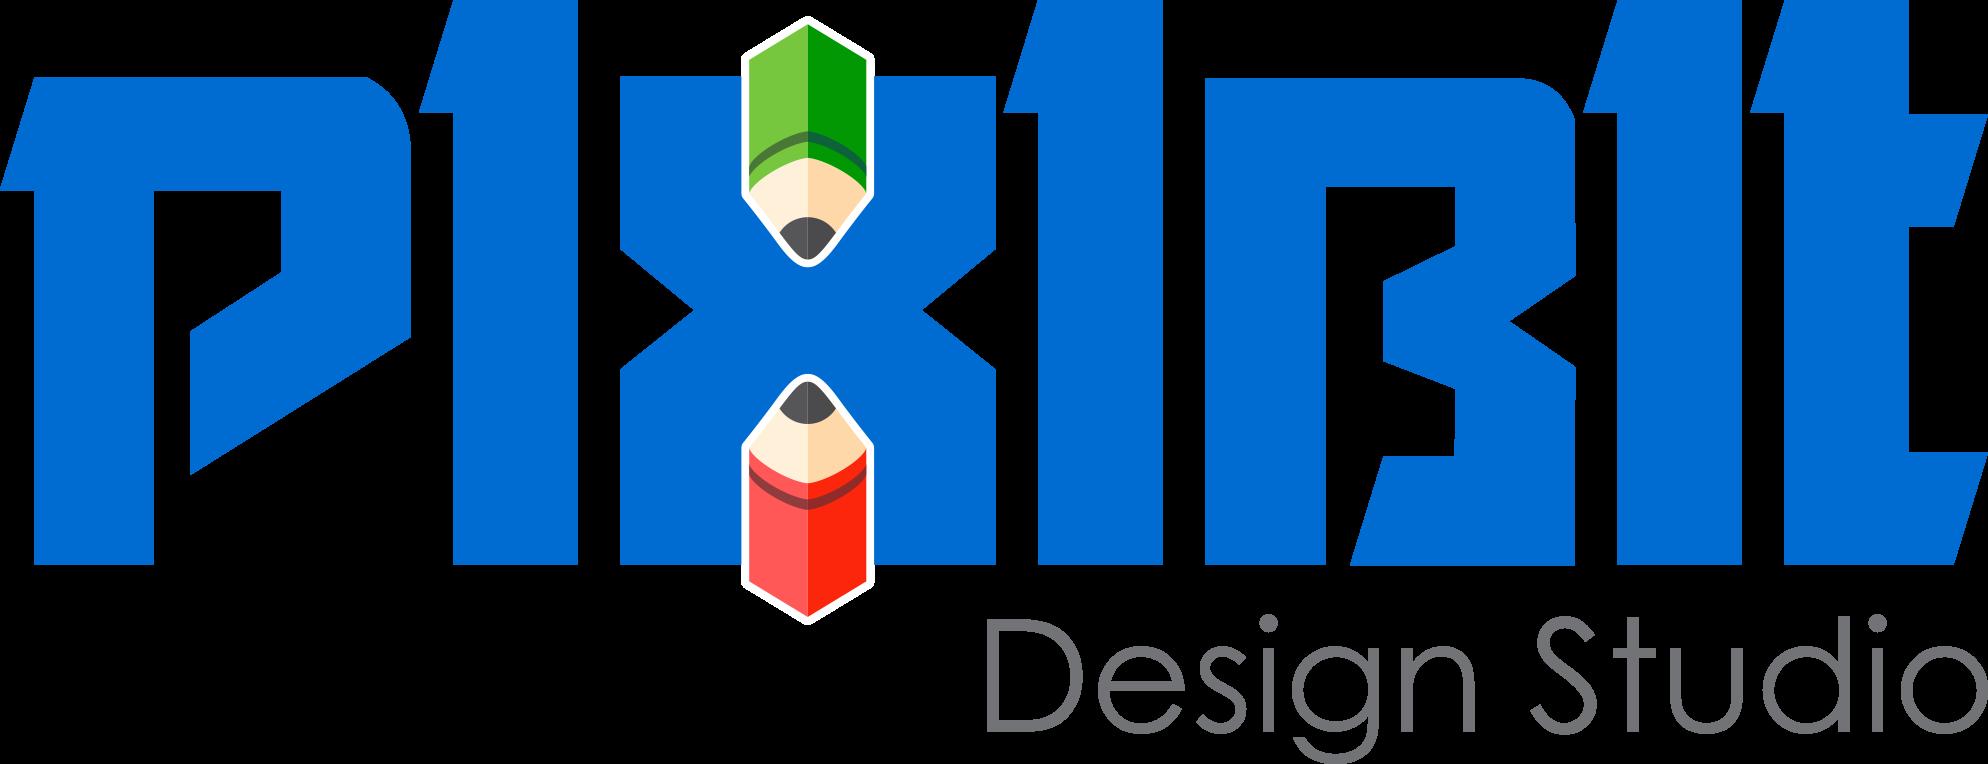 Logo Design , Brochure Design , Packaging Design  and Graphic Design - Pixibit Design Studio